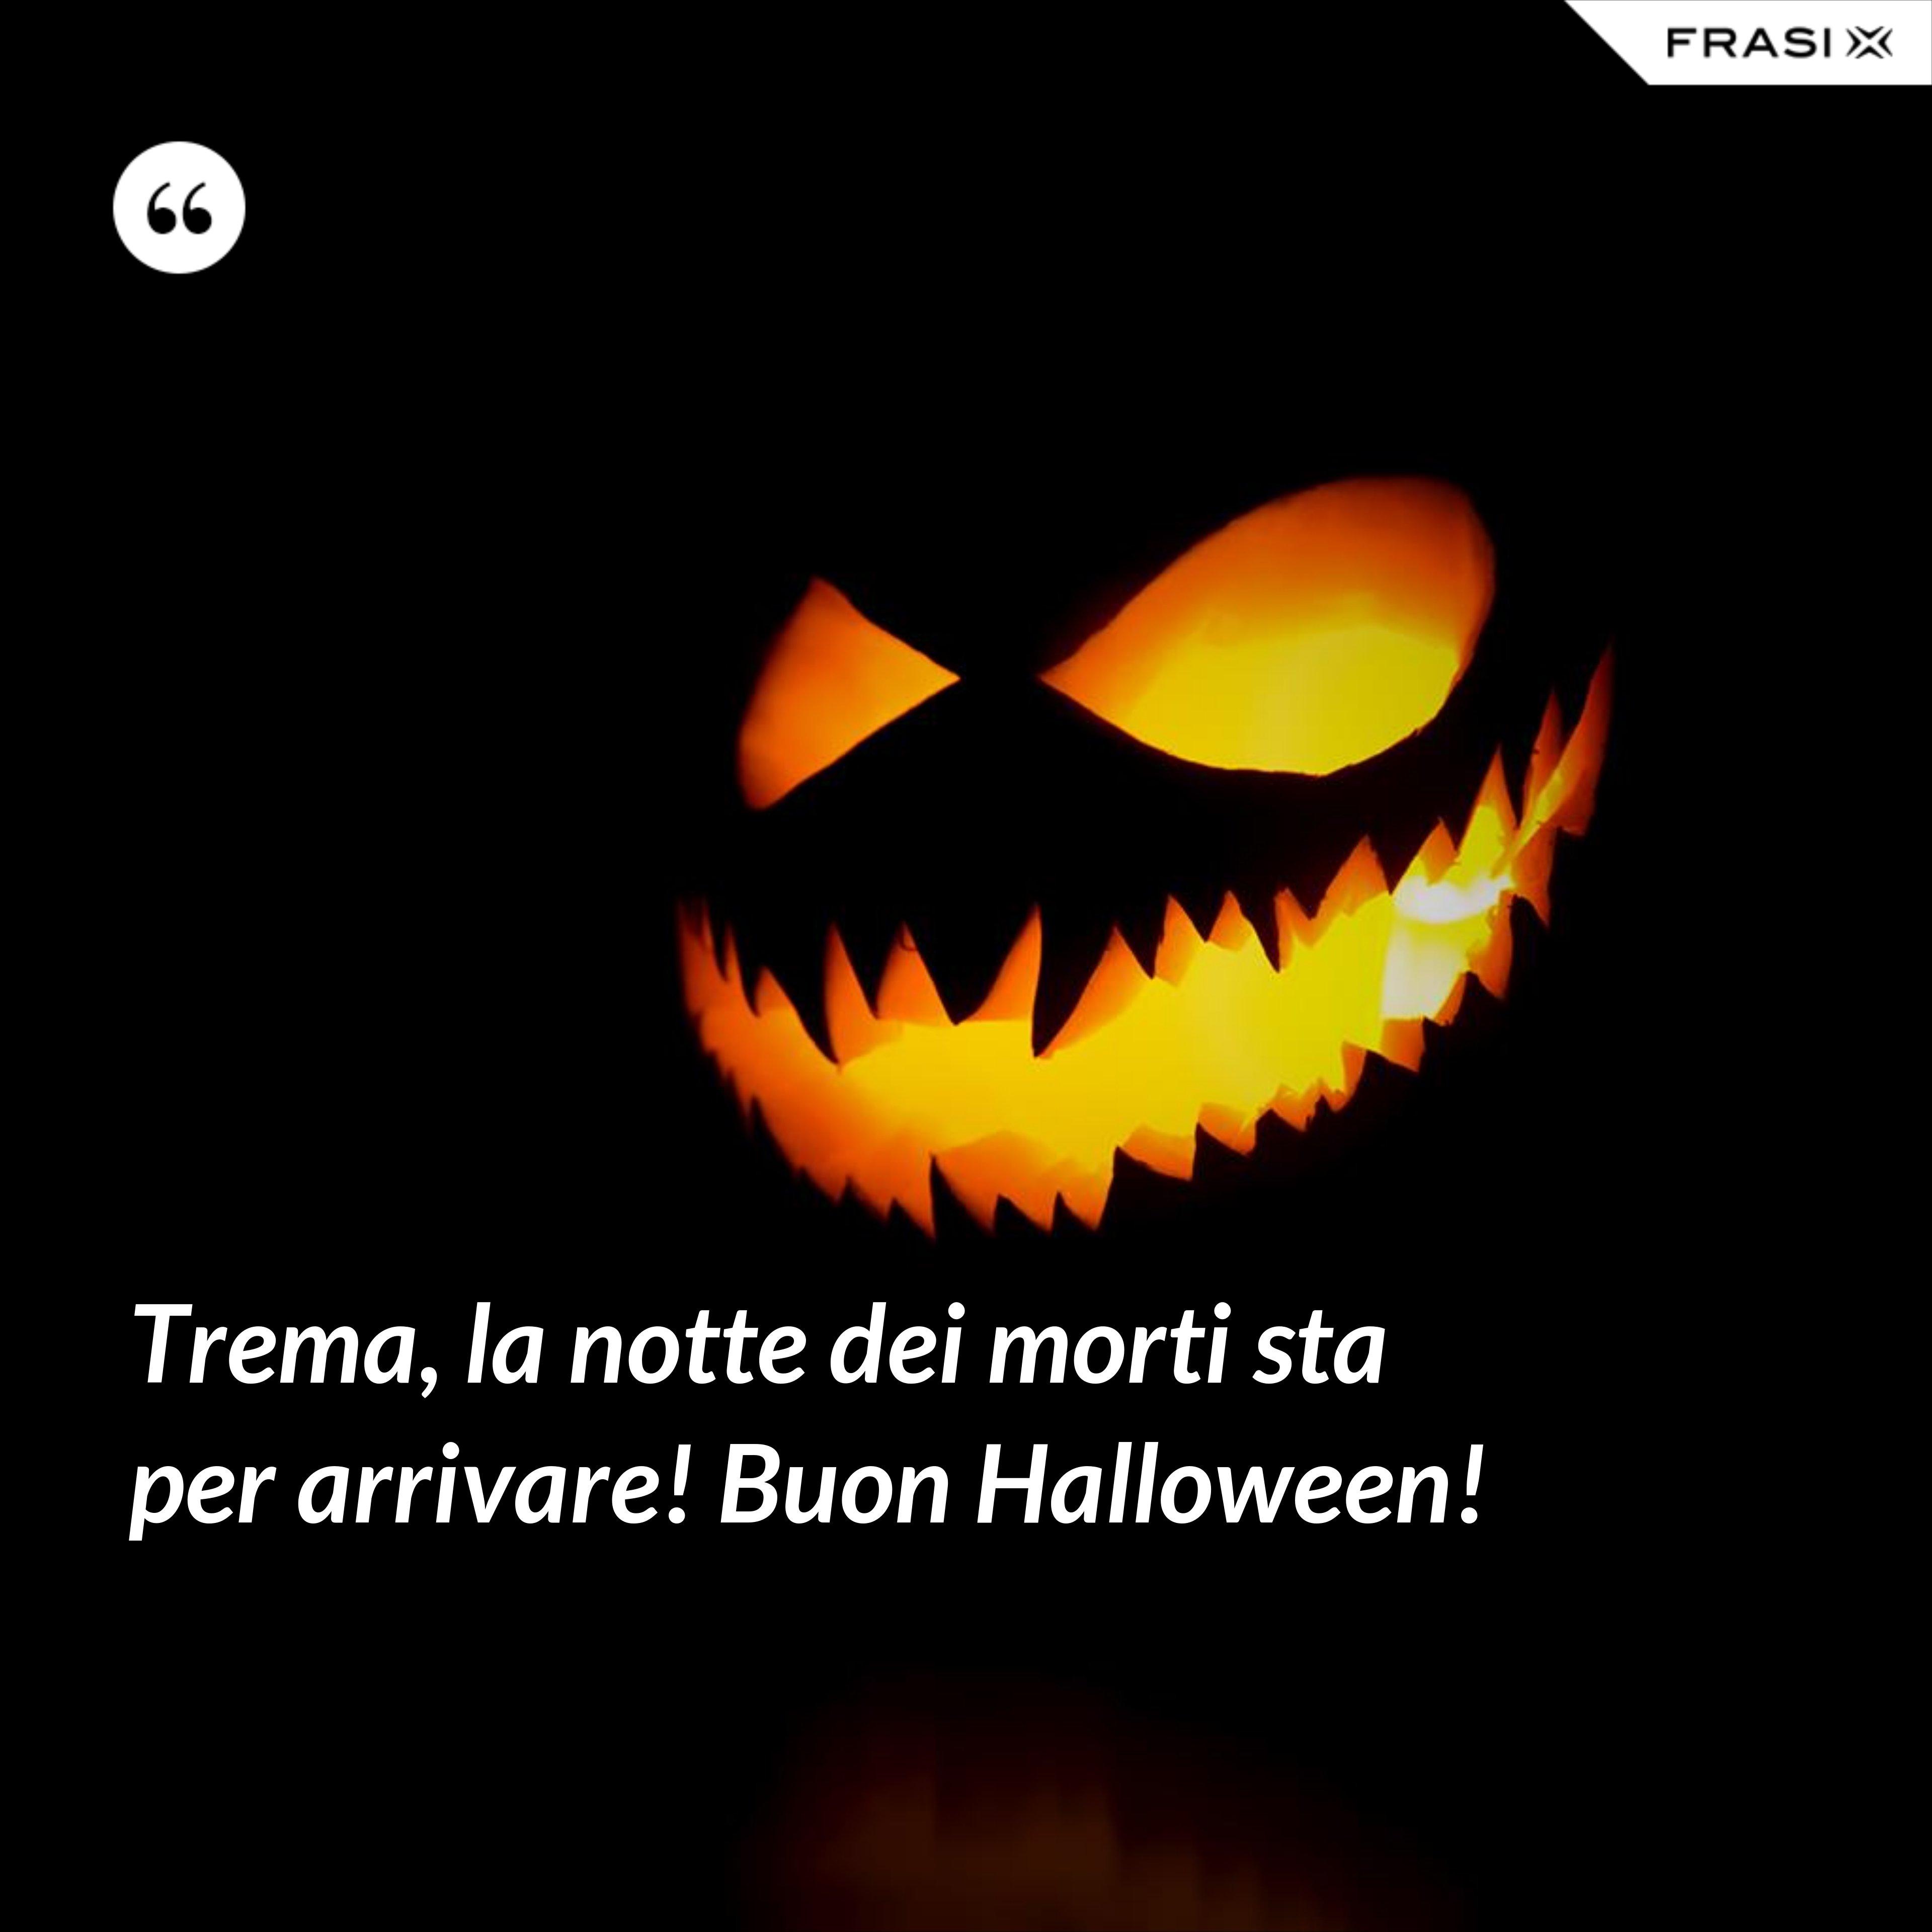 Trema, la notte dei morti sta per arrivare! Buon Halloween! - Anonimo